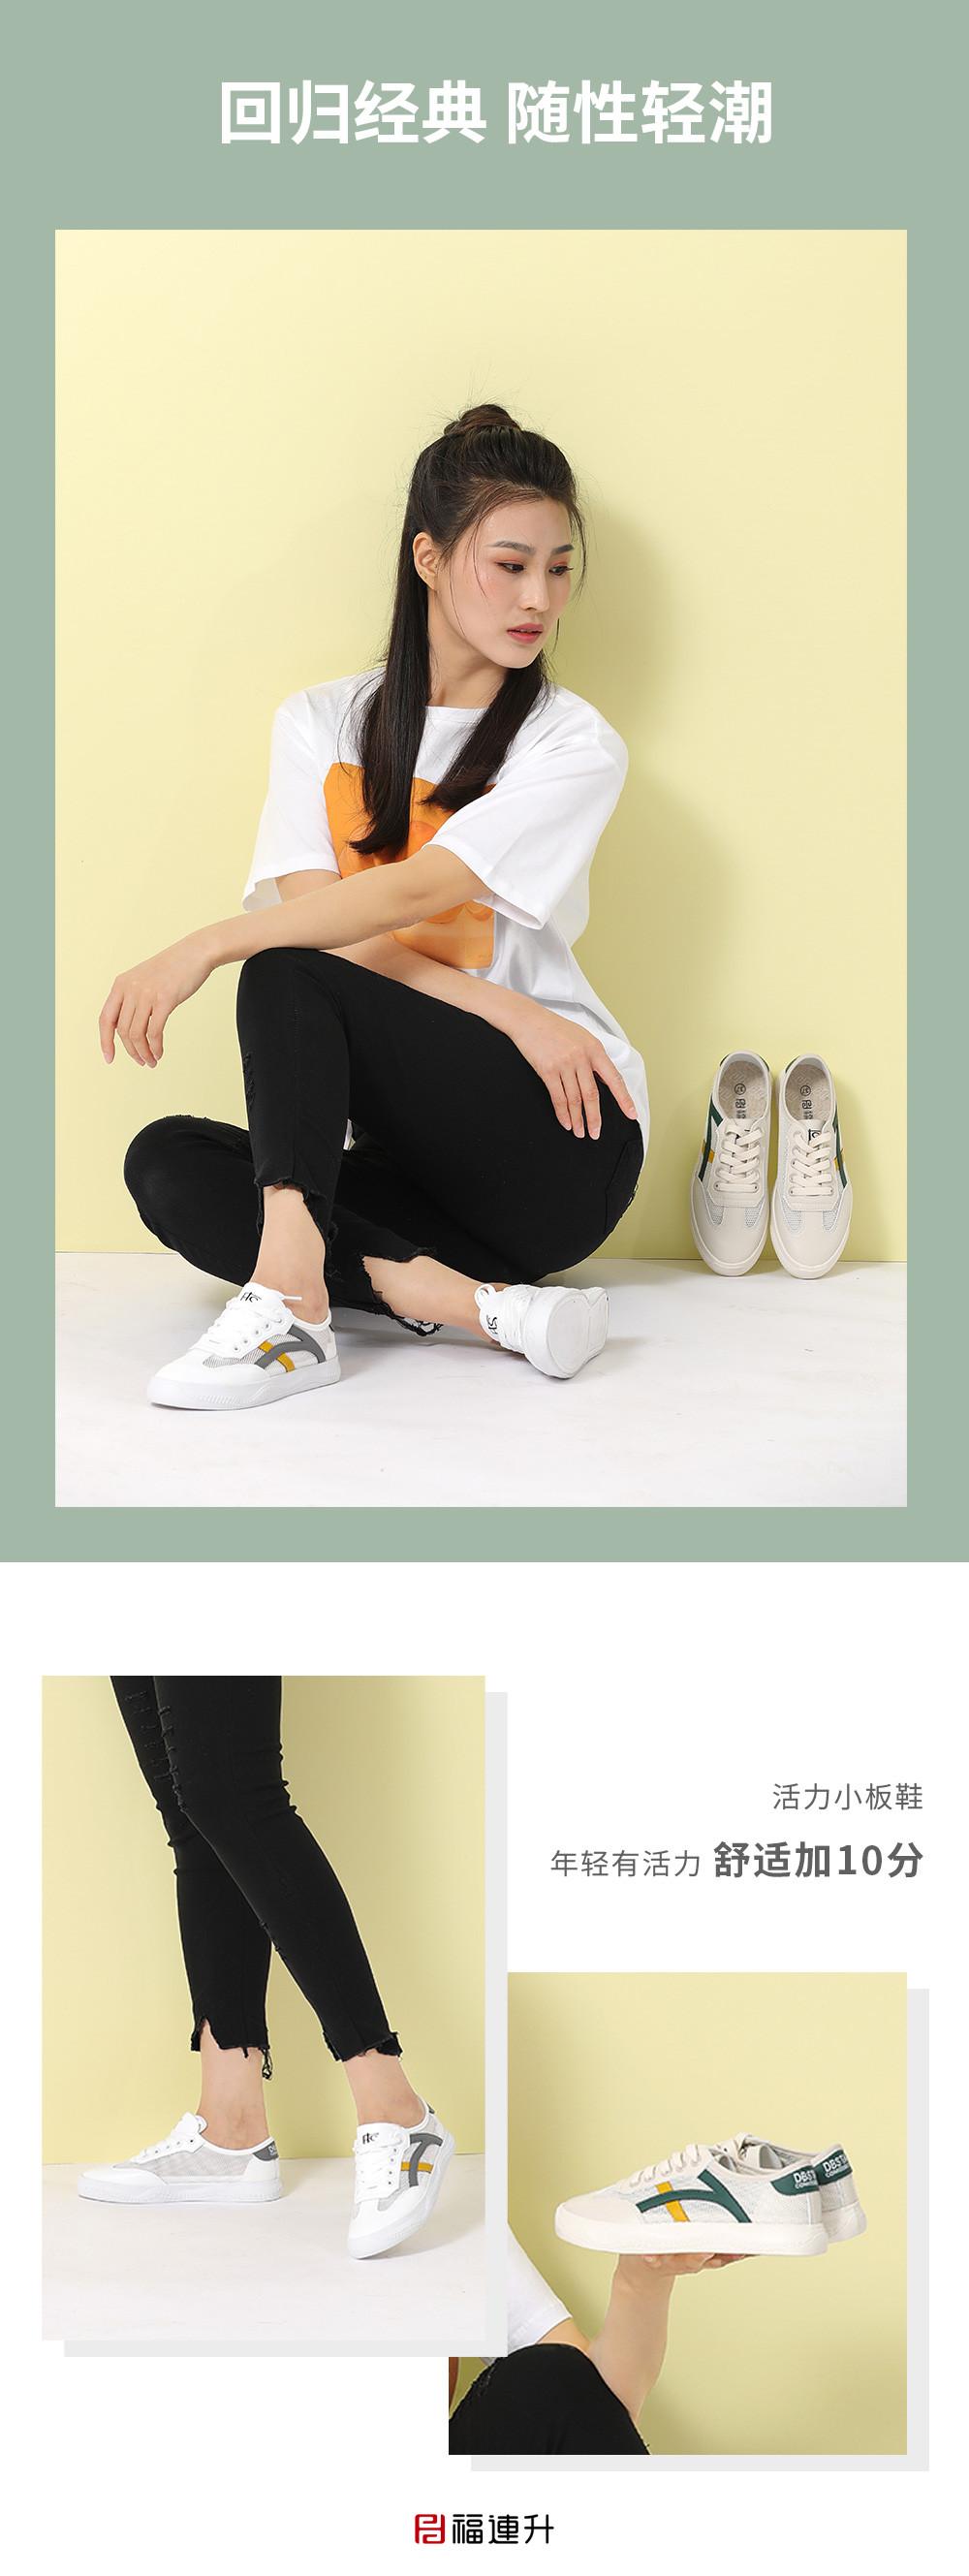 福连升夏季平底小白鞋 百搭休闲舒适透气网面女鞋图片